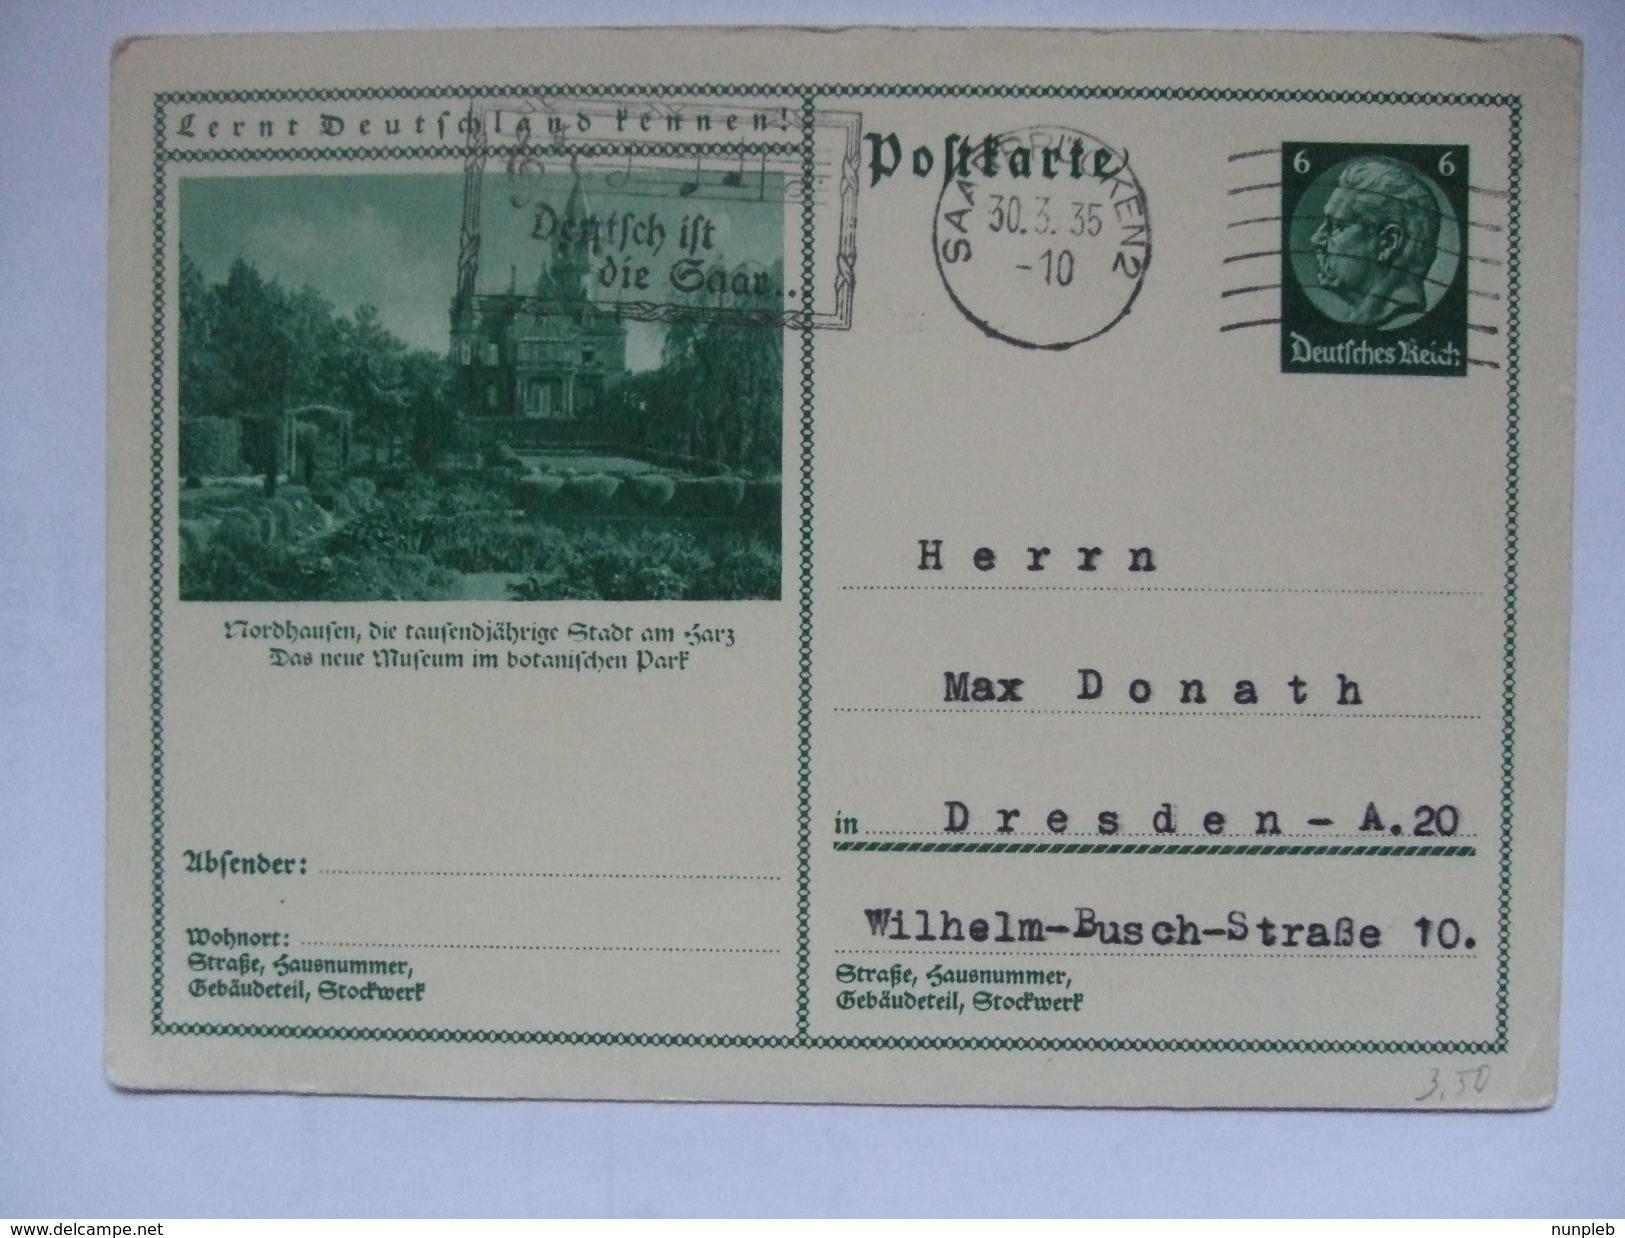 GERMANY - 1935 Postkarte - Lernt Deutschland Kennen! - Mi P 221 78 058 - Nordhausen Neue Museum - Briefe U. Dokumente